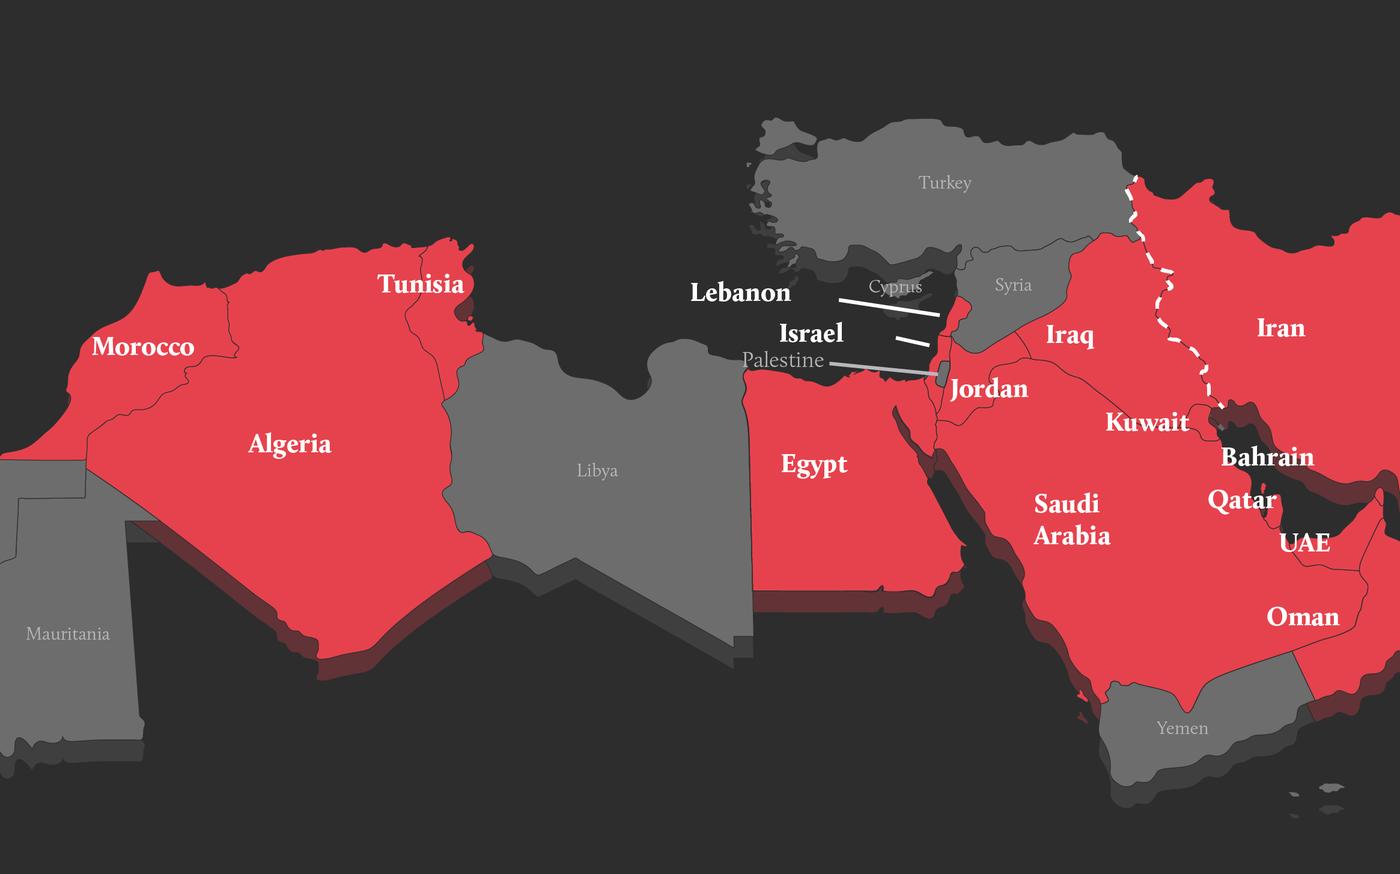 which country had coronavirus